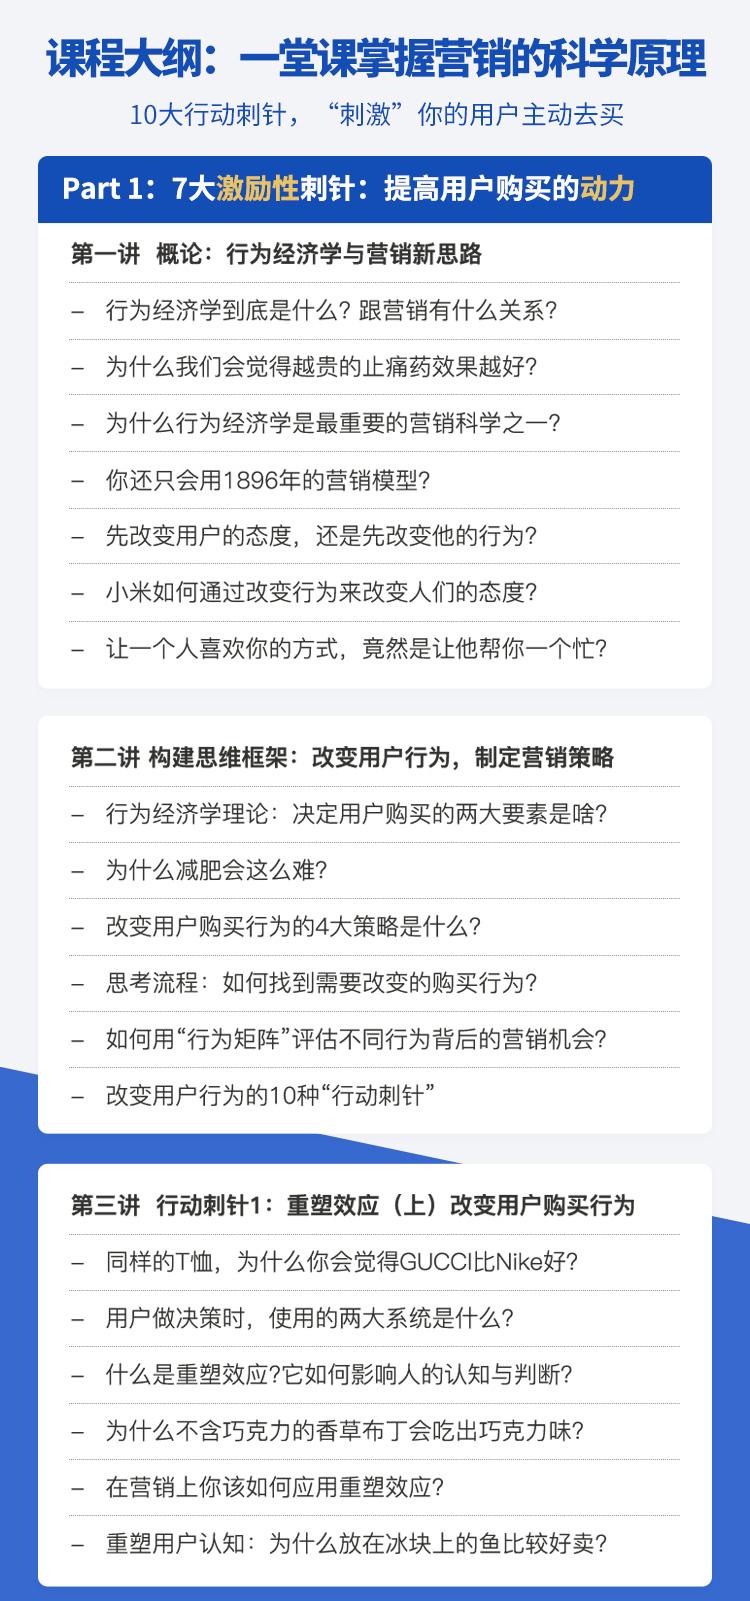 http://mtedu-img.oss-cn-beijing-internal.aliyuncs.com/ueditor/20210303163947_128396.jpg